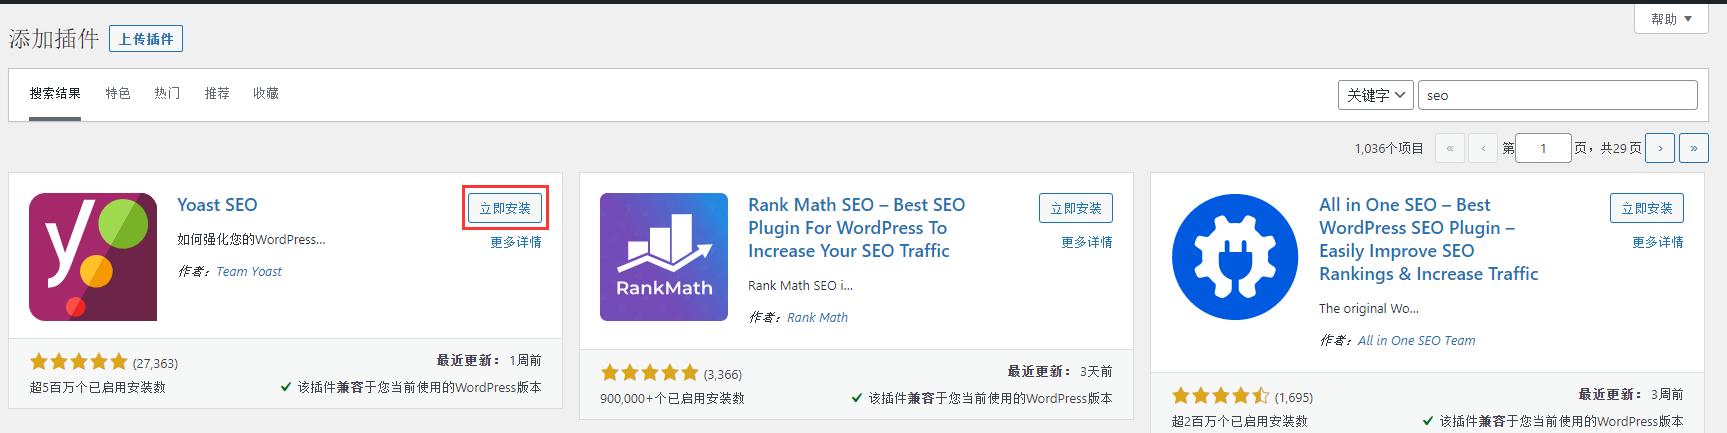 在 WordPress 插件中搜索:seo,选择 Yoast SEO。因为其安装量最高,为超5百万个已启用安装数